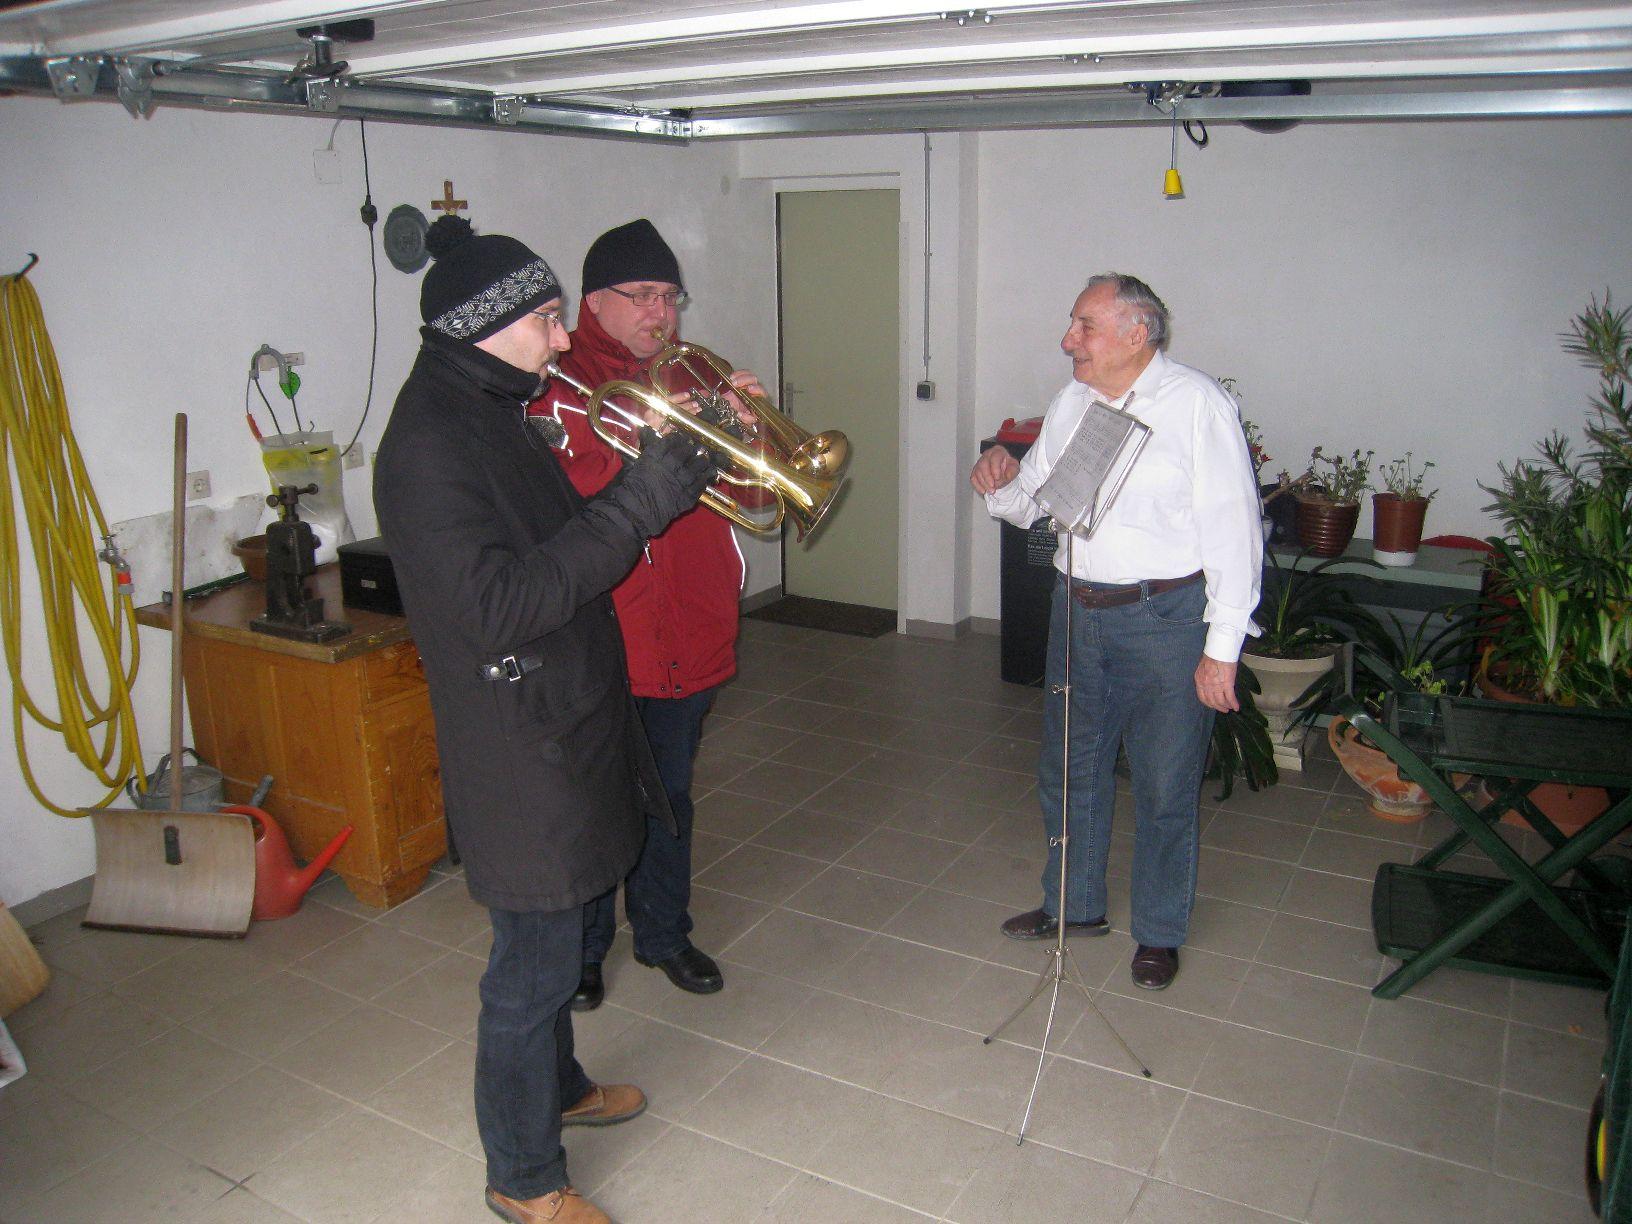 6_Silvesterspiel2011